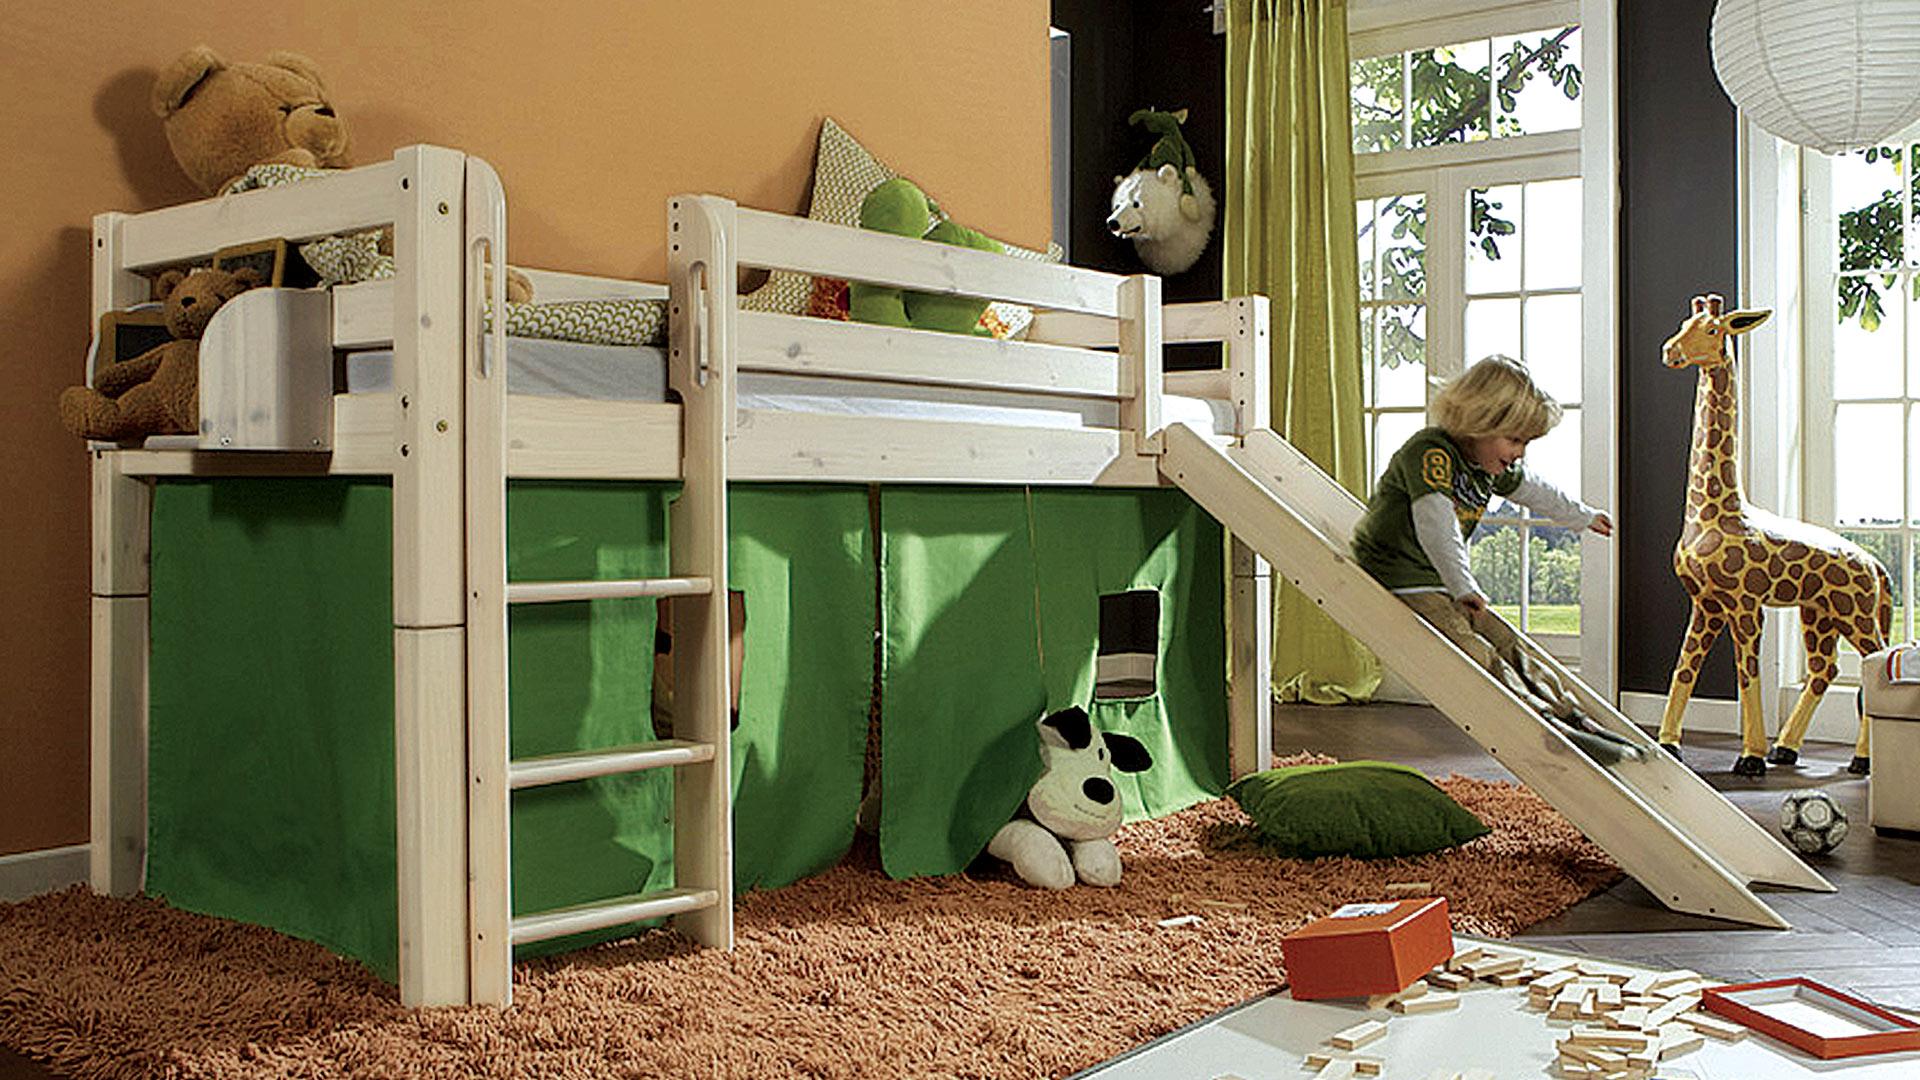 Etagenbett Leiter : Puppenbett etagenbett teilbar mit leiter und bettzeug auf